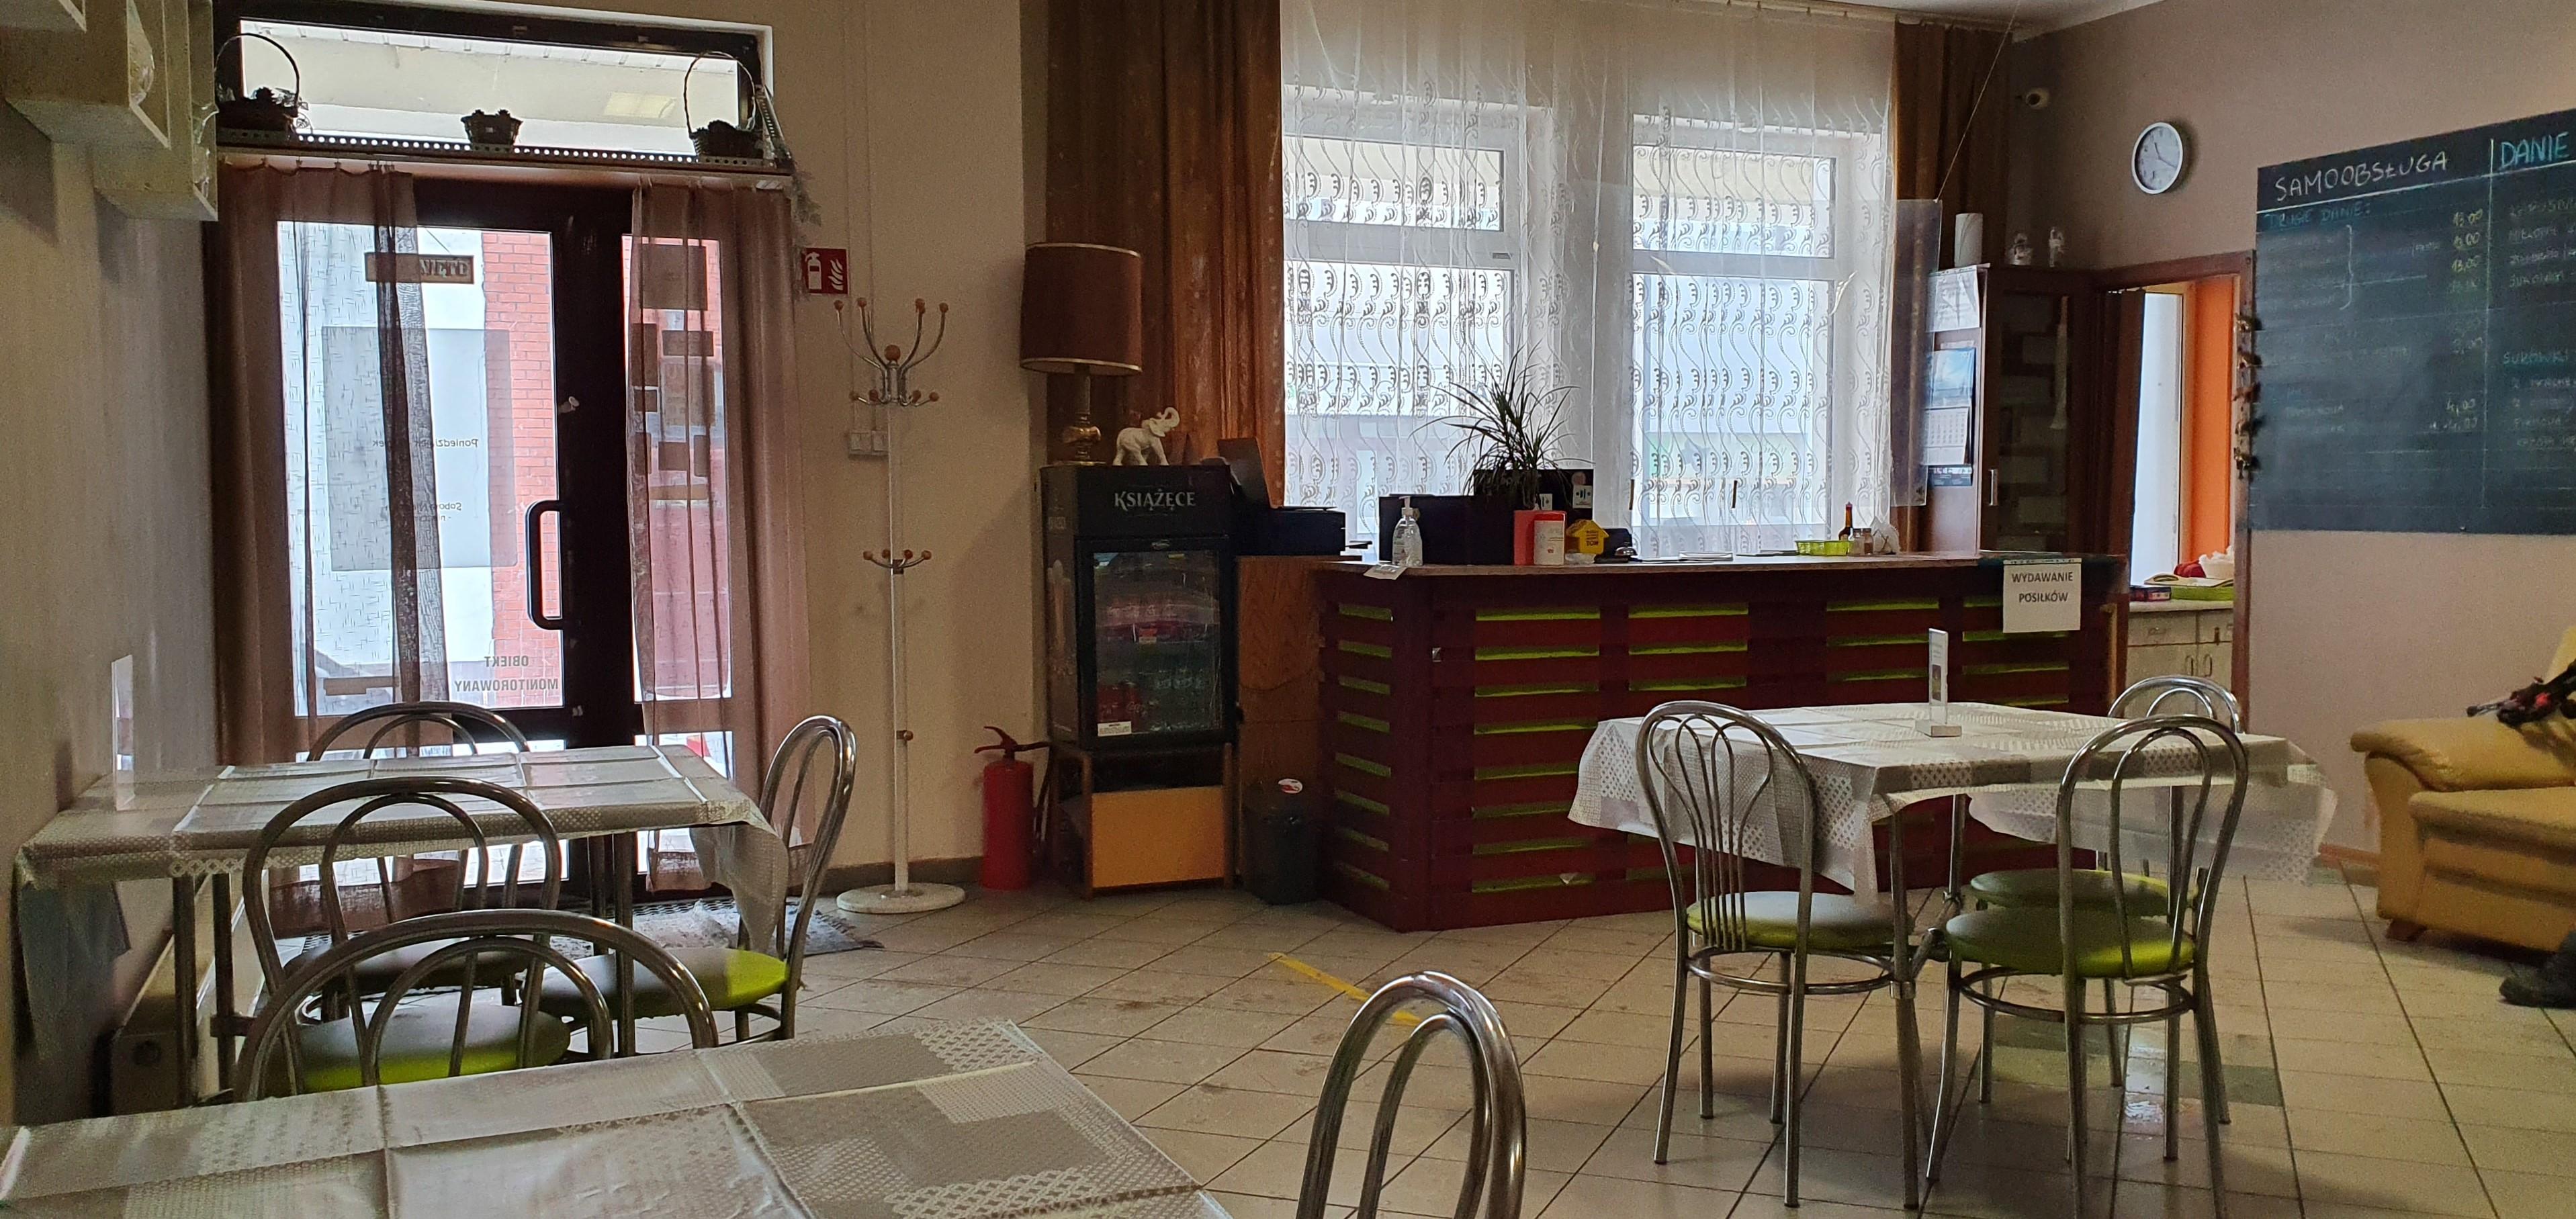 Płocka restauracja otworzyła się mimo obostrzeń. - Chcemy bronić miejsc pracy  - Zdjęcie główne